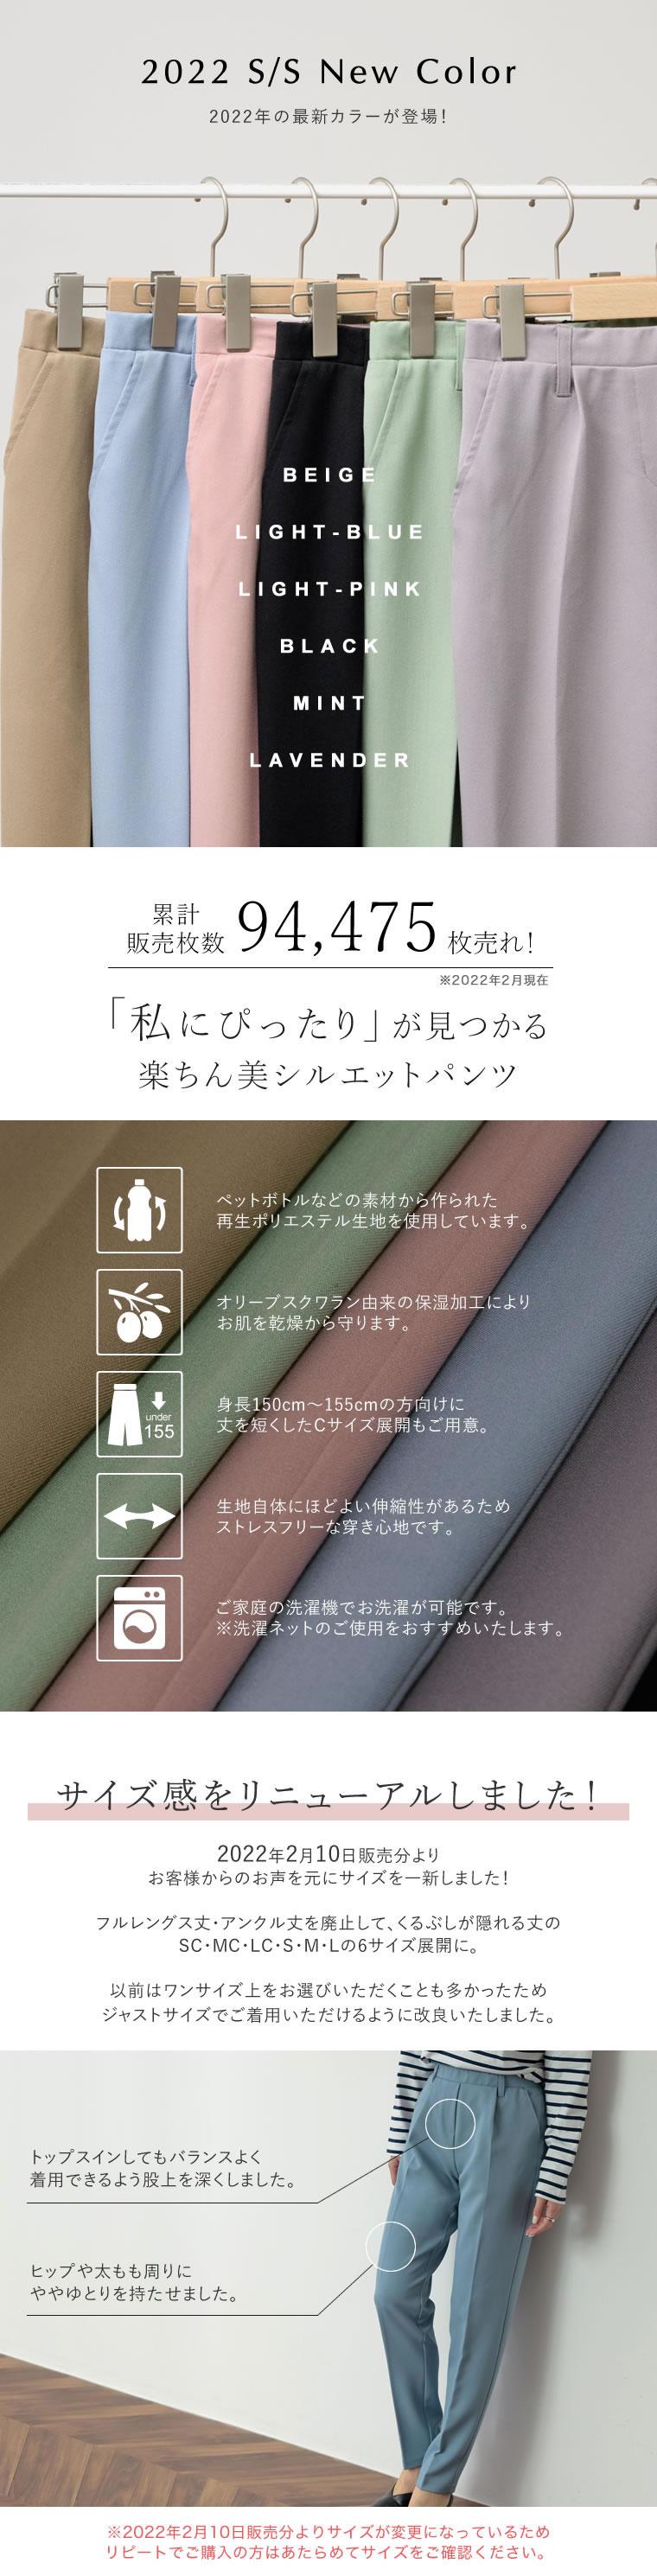 Re:EDIT‐リエディ [累計6万枚HIT]美シルエットテーパードパンツ